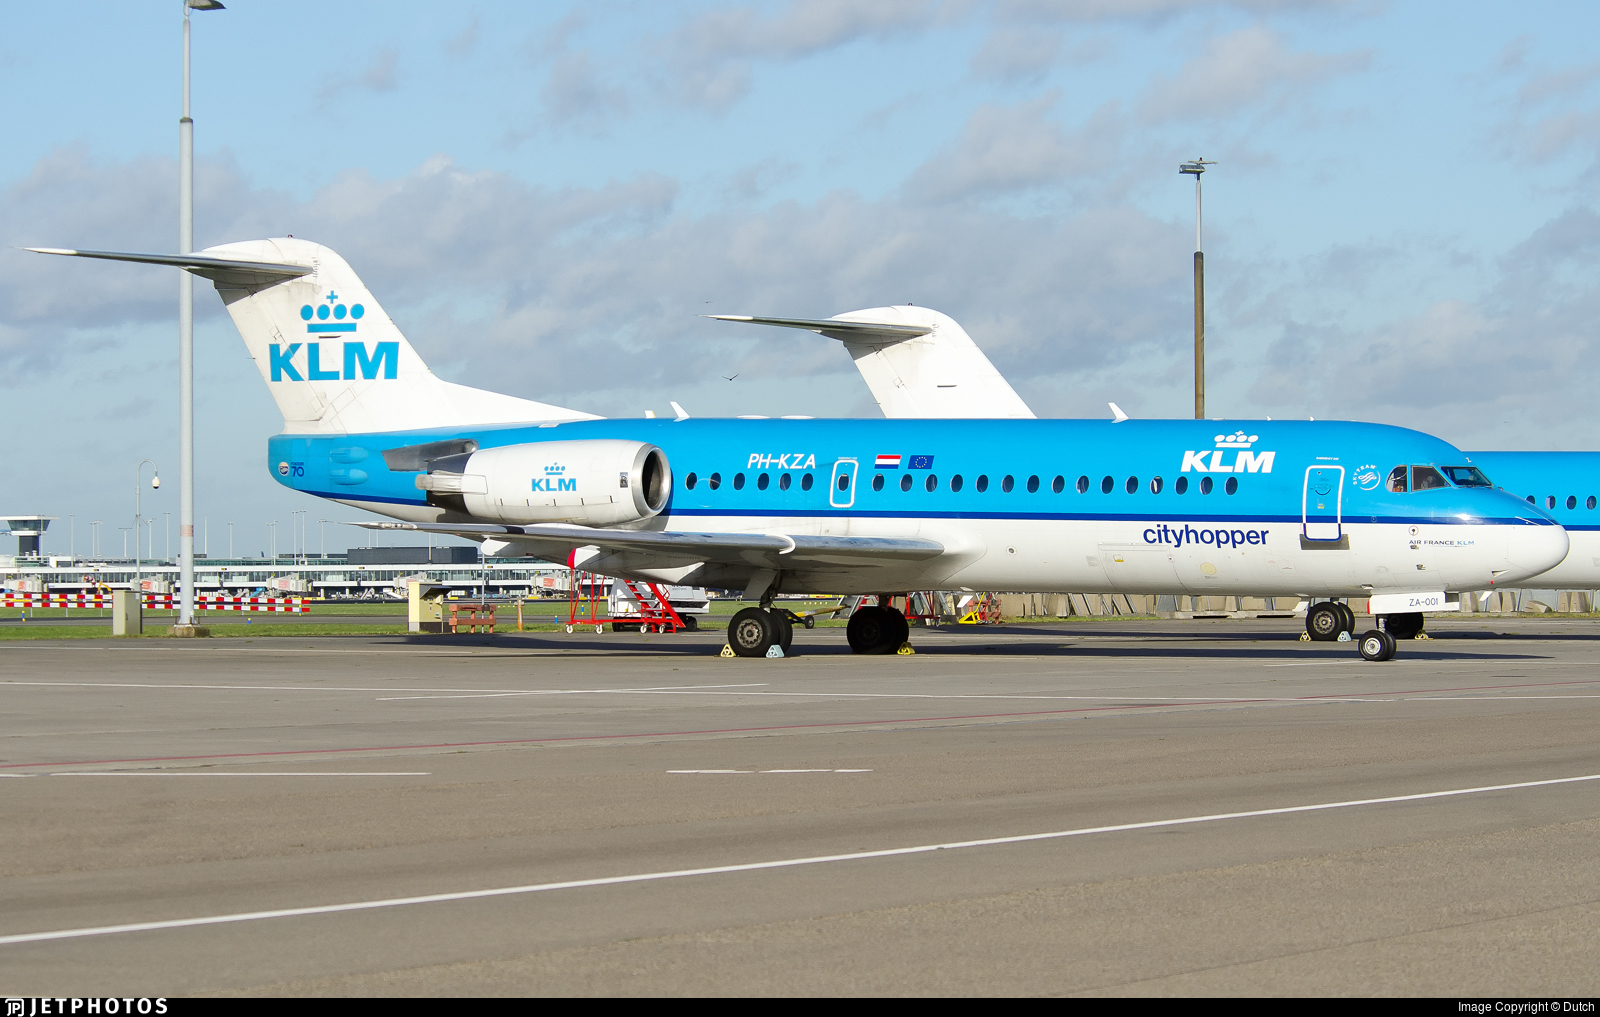 PH-KZA - Fokker 70 - KLM Cityhopper